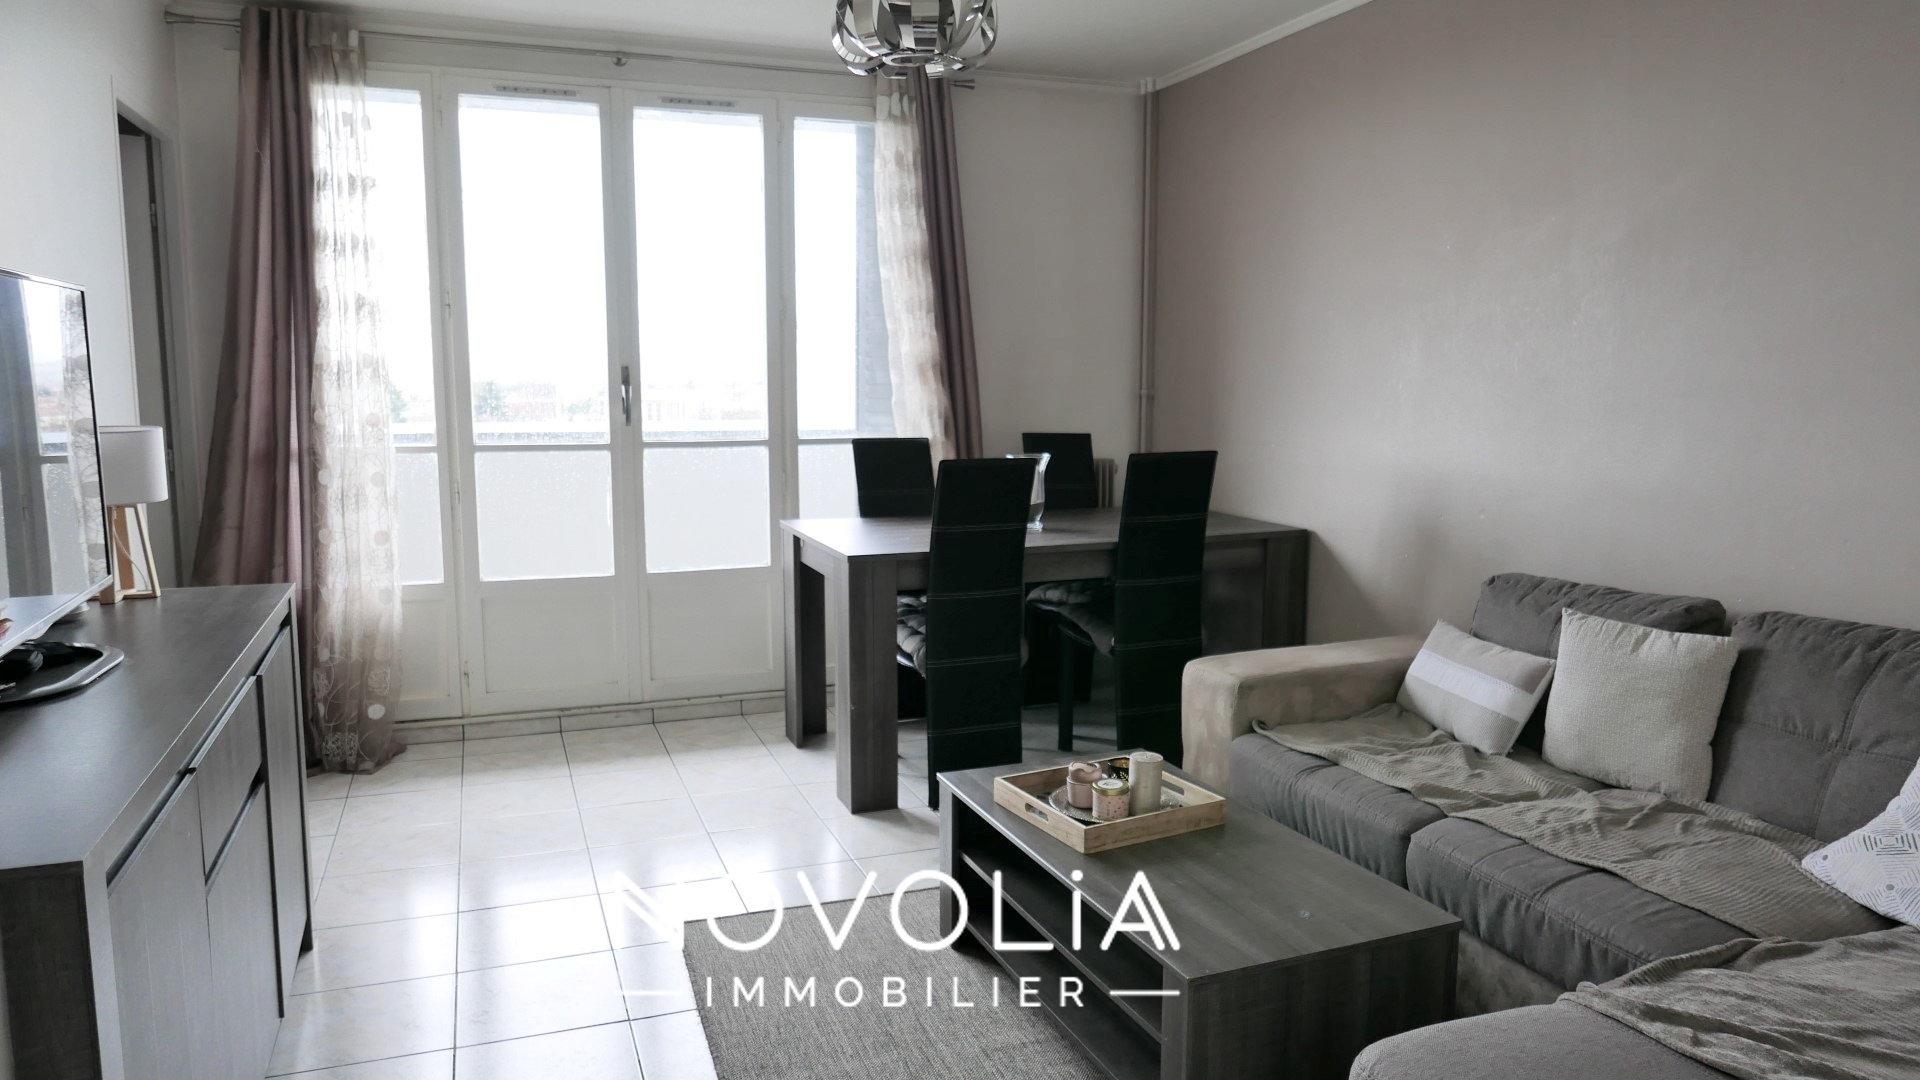 Achat Appartement Surface de 80.7 m², 4 pièces, Vénissieux (69200)